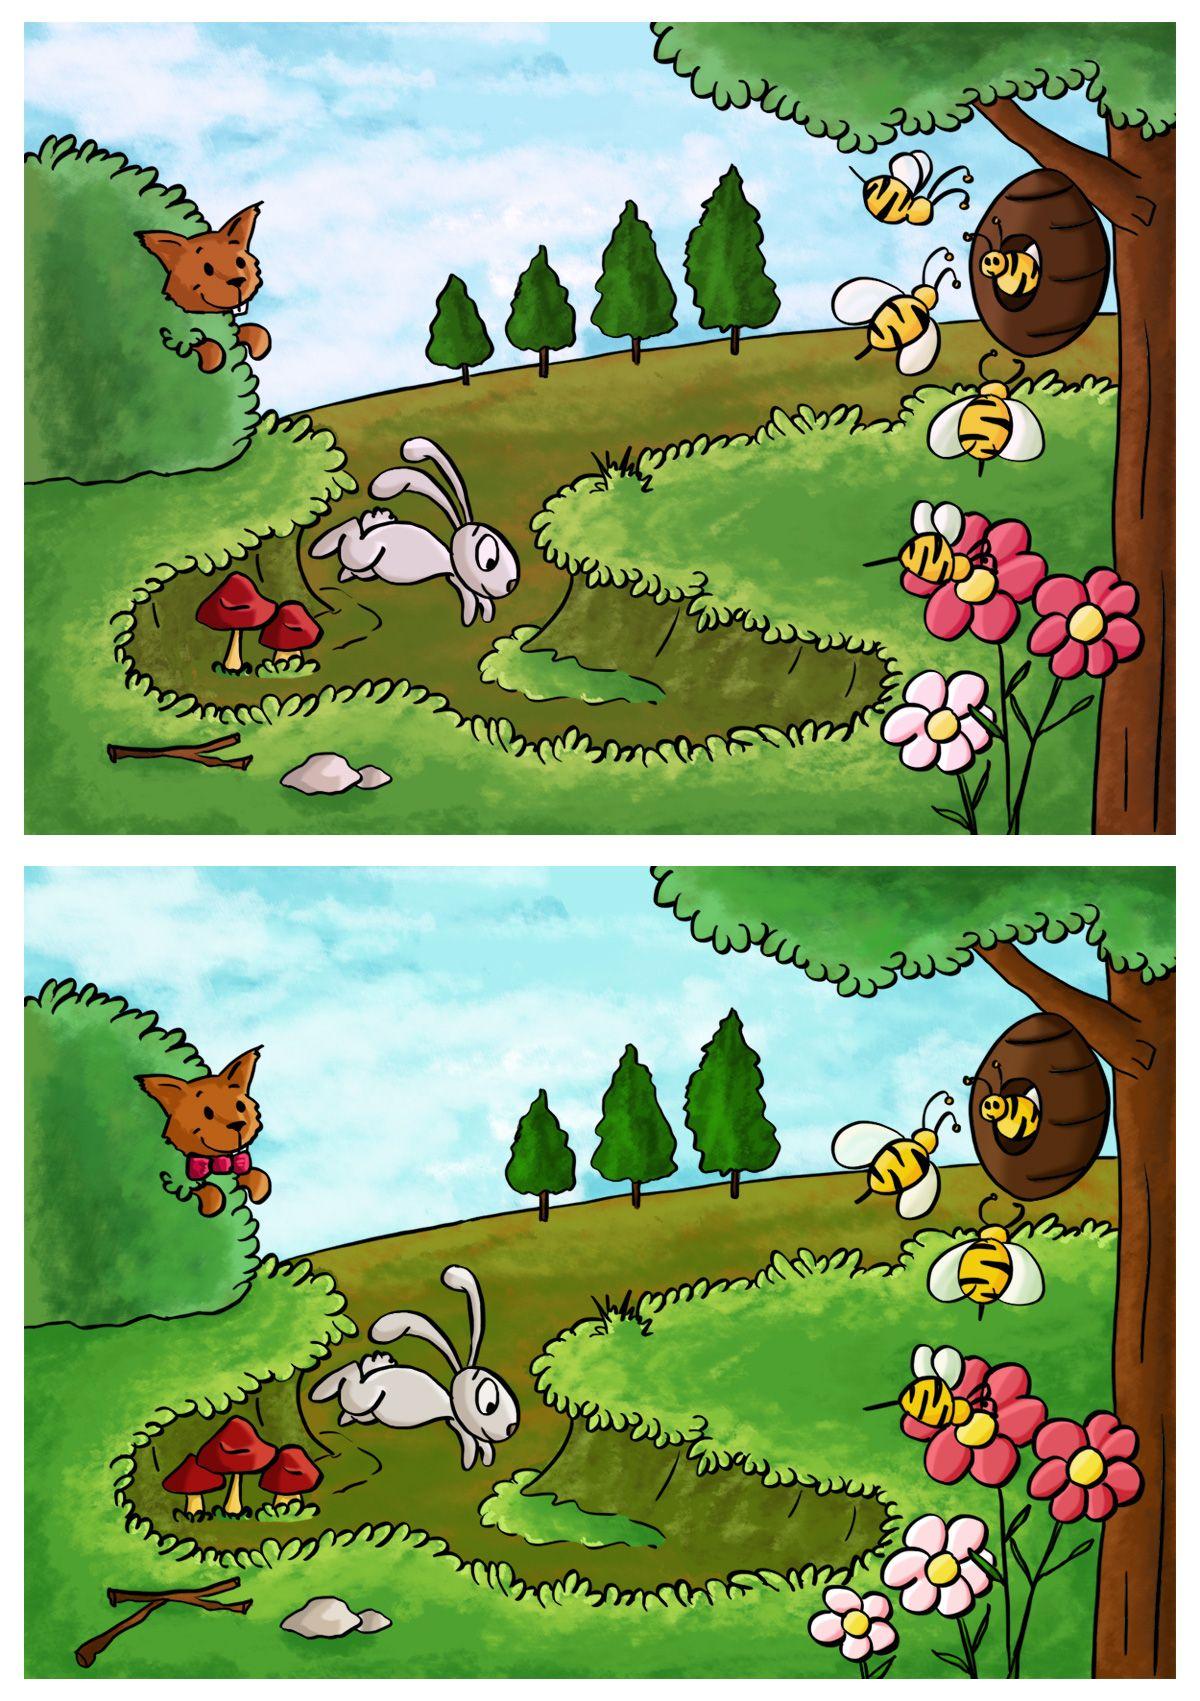 Jeux des 7 différences le printemps | Jeux des 7 différences, Jeux des 7 erreurs, Jeux printemps ...